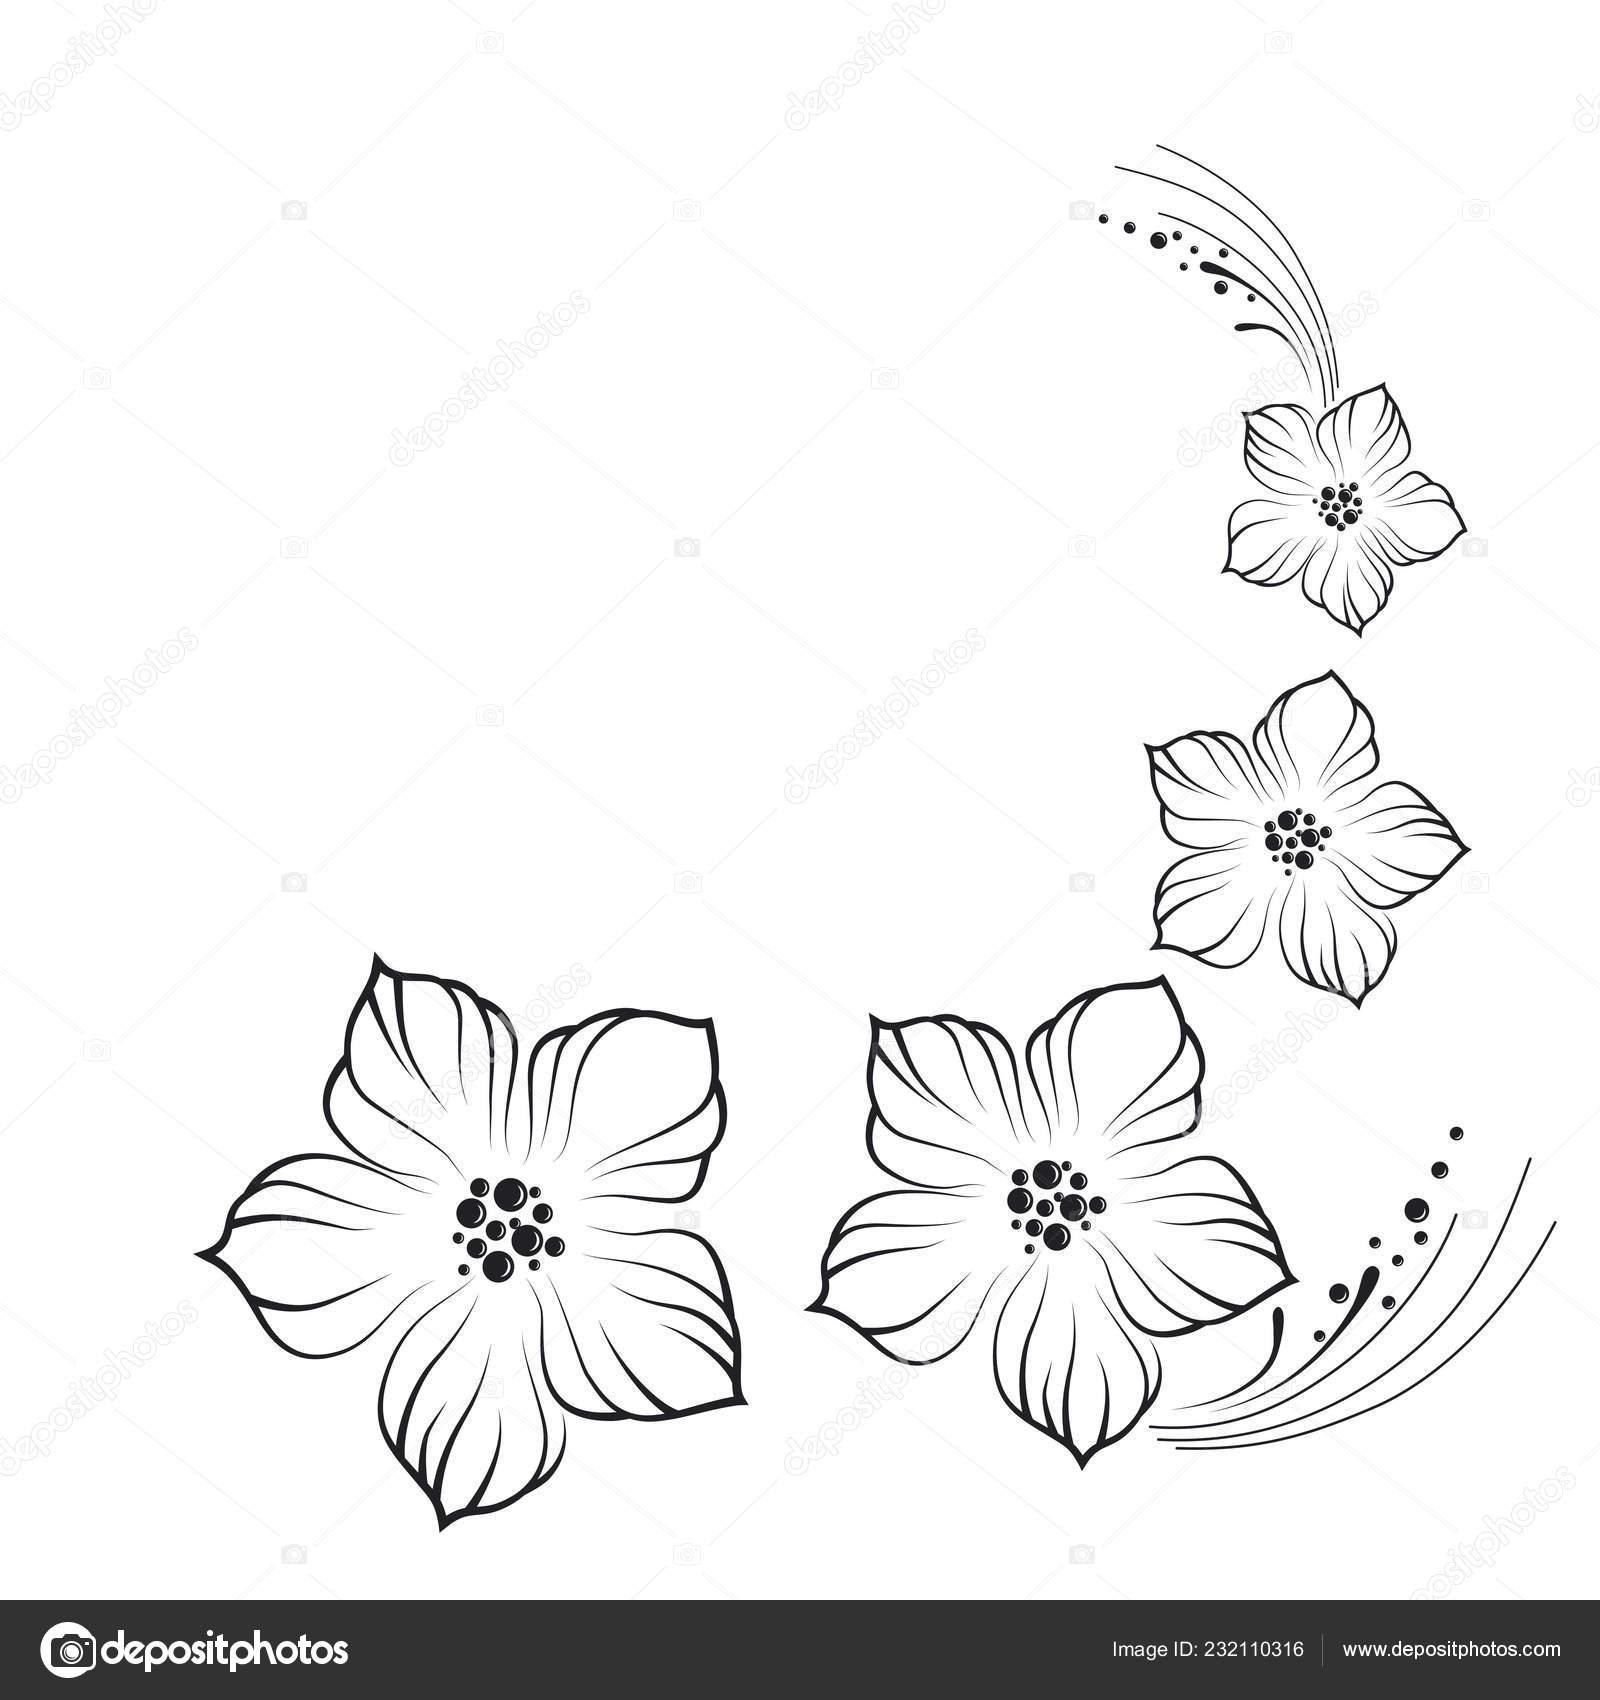 Simple Graphic Drawing Black Flowers Stock Vector C Halynamoroshan 232110316